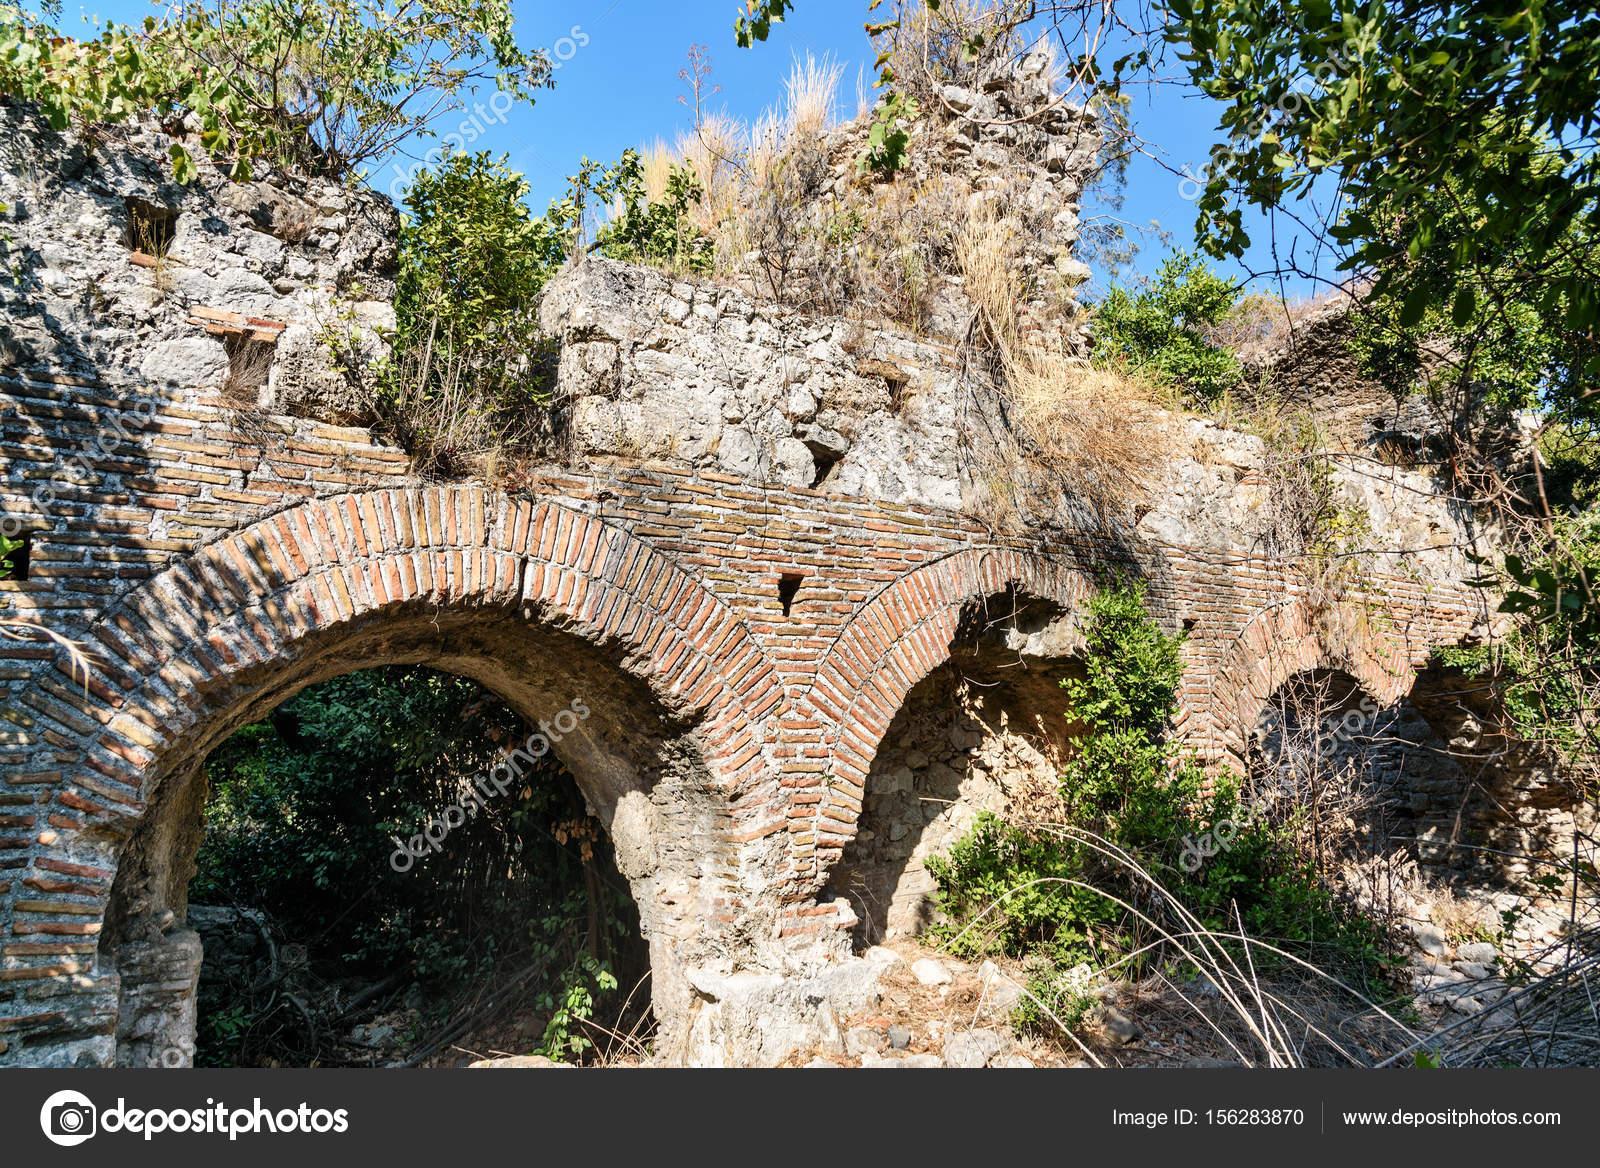 Bagno di vespasiano rovine dell 39 antica citt di olympos in licia turchia foto stock - Bagno vespasiano ...